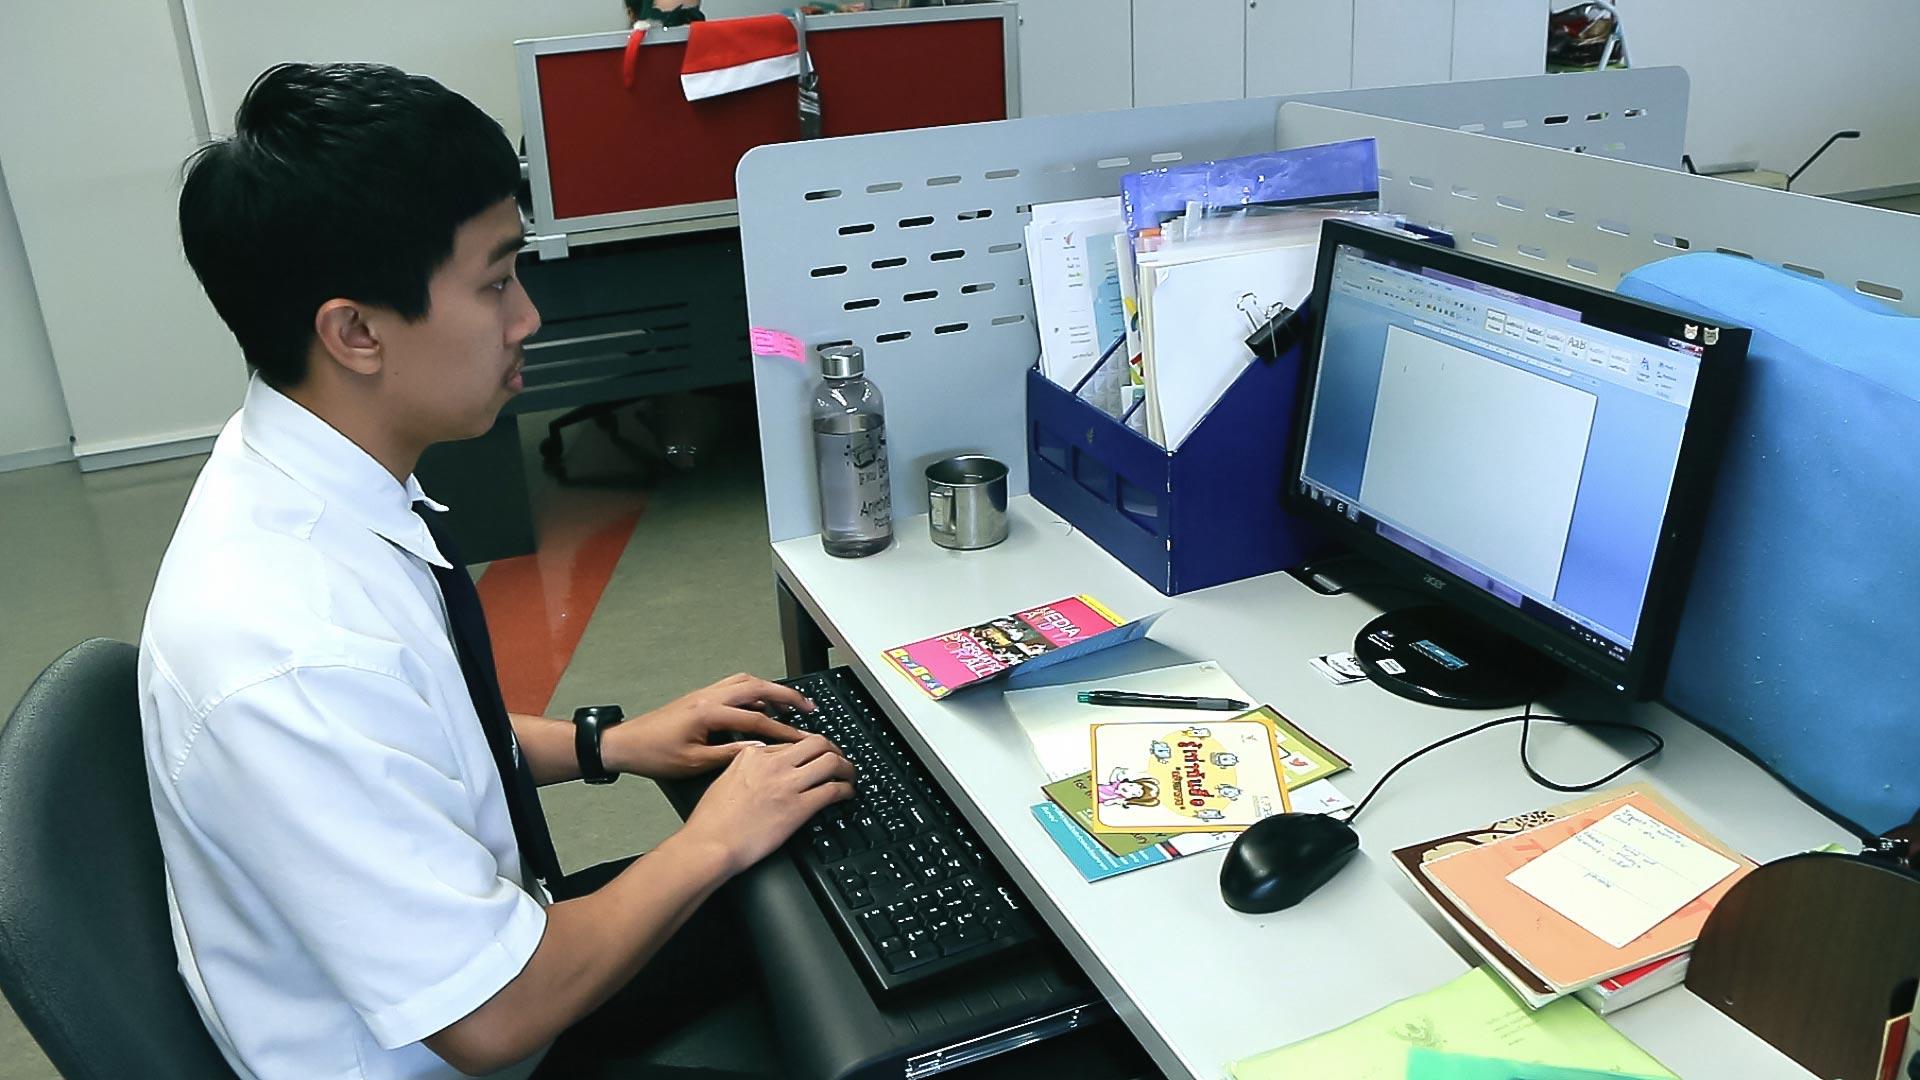 สหกิจศึกษา ภาษาอังกฤษธุรกิจ คณะศิลปศาสตร์ มหาวิทยาลัยศรีปทุม -Thai PBS 02